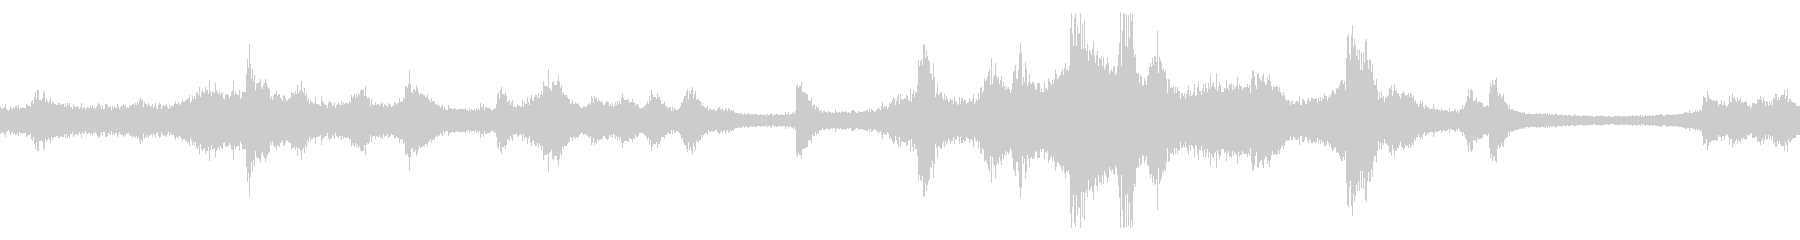 レインボーブリッジの音 ループの未再生の波形